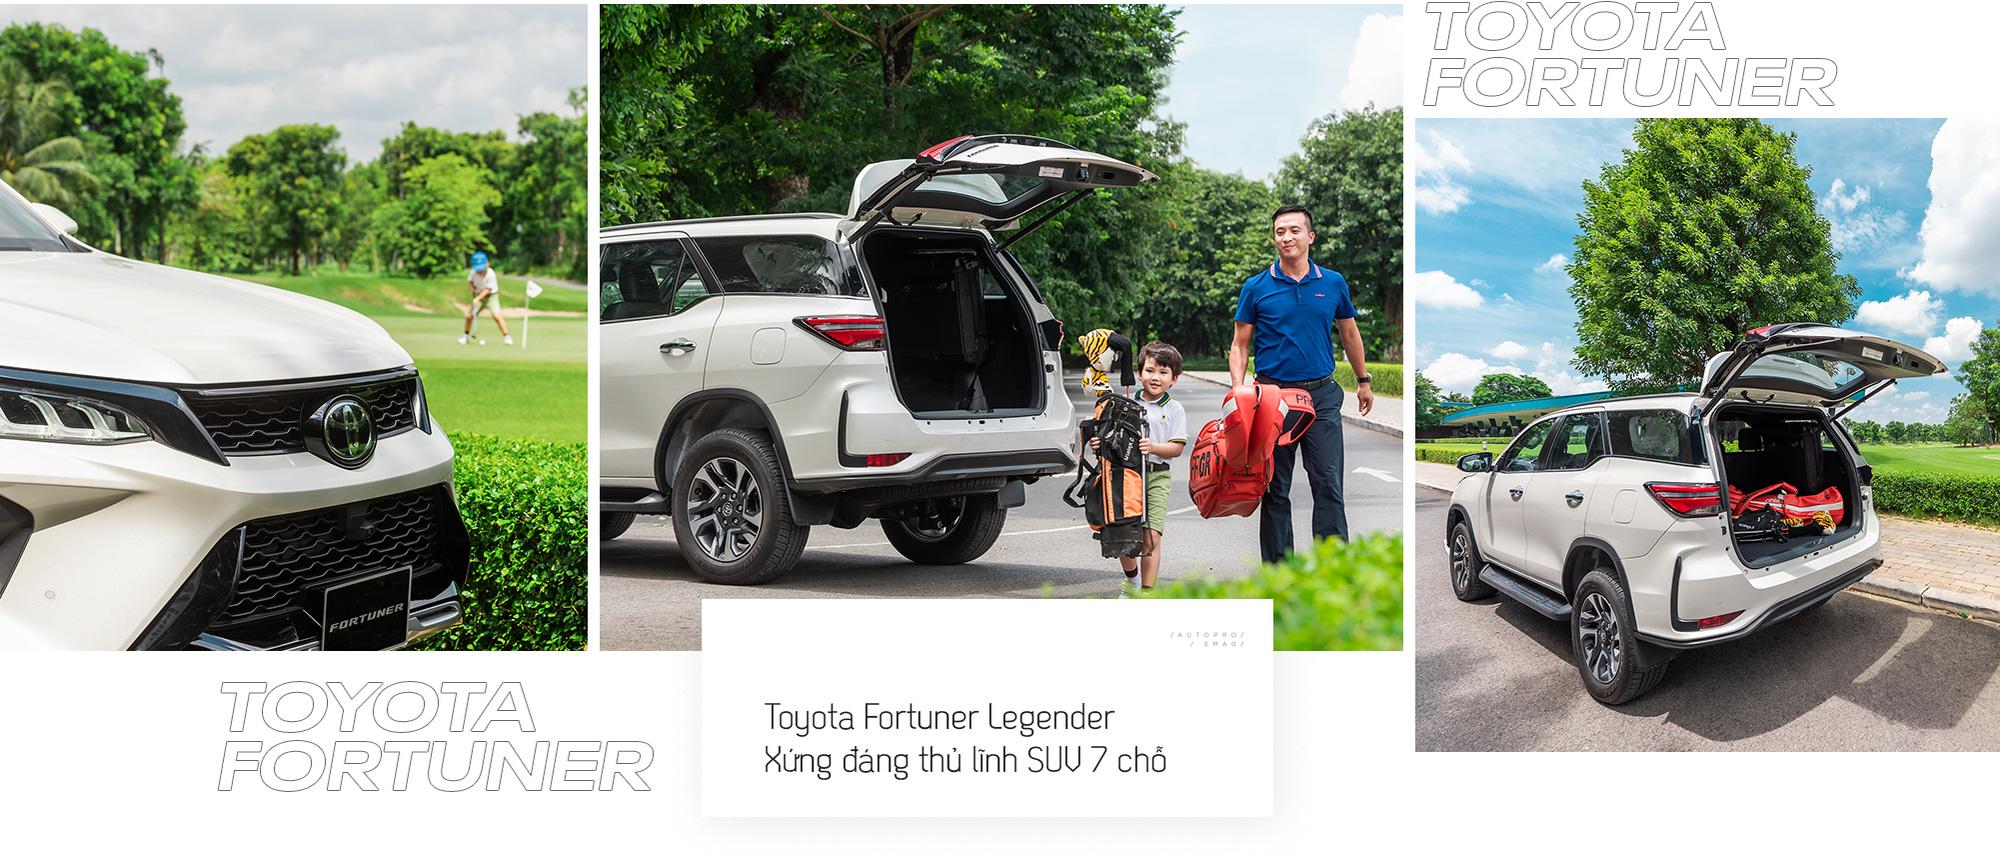 Fortuner trở lại ngôi vương trong phân khúc SUV cỡ trung - Ảnh 9.